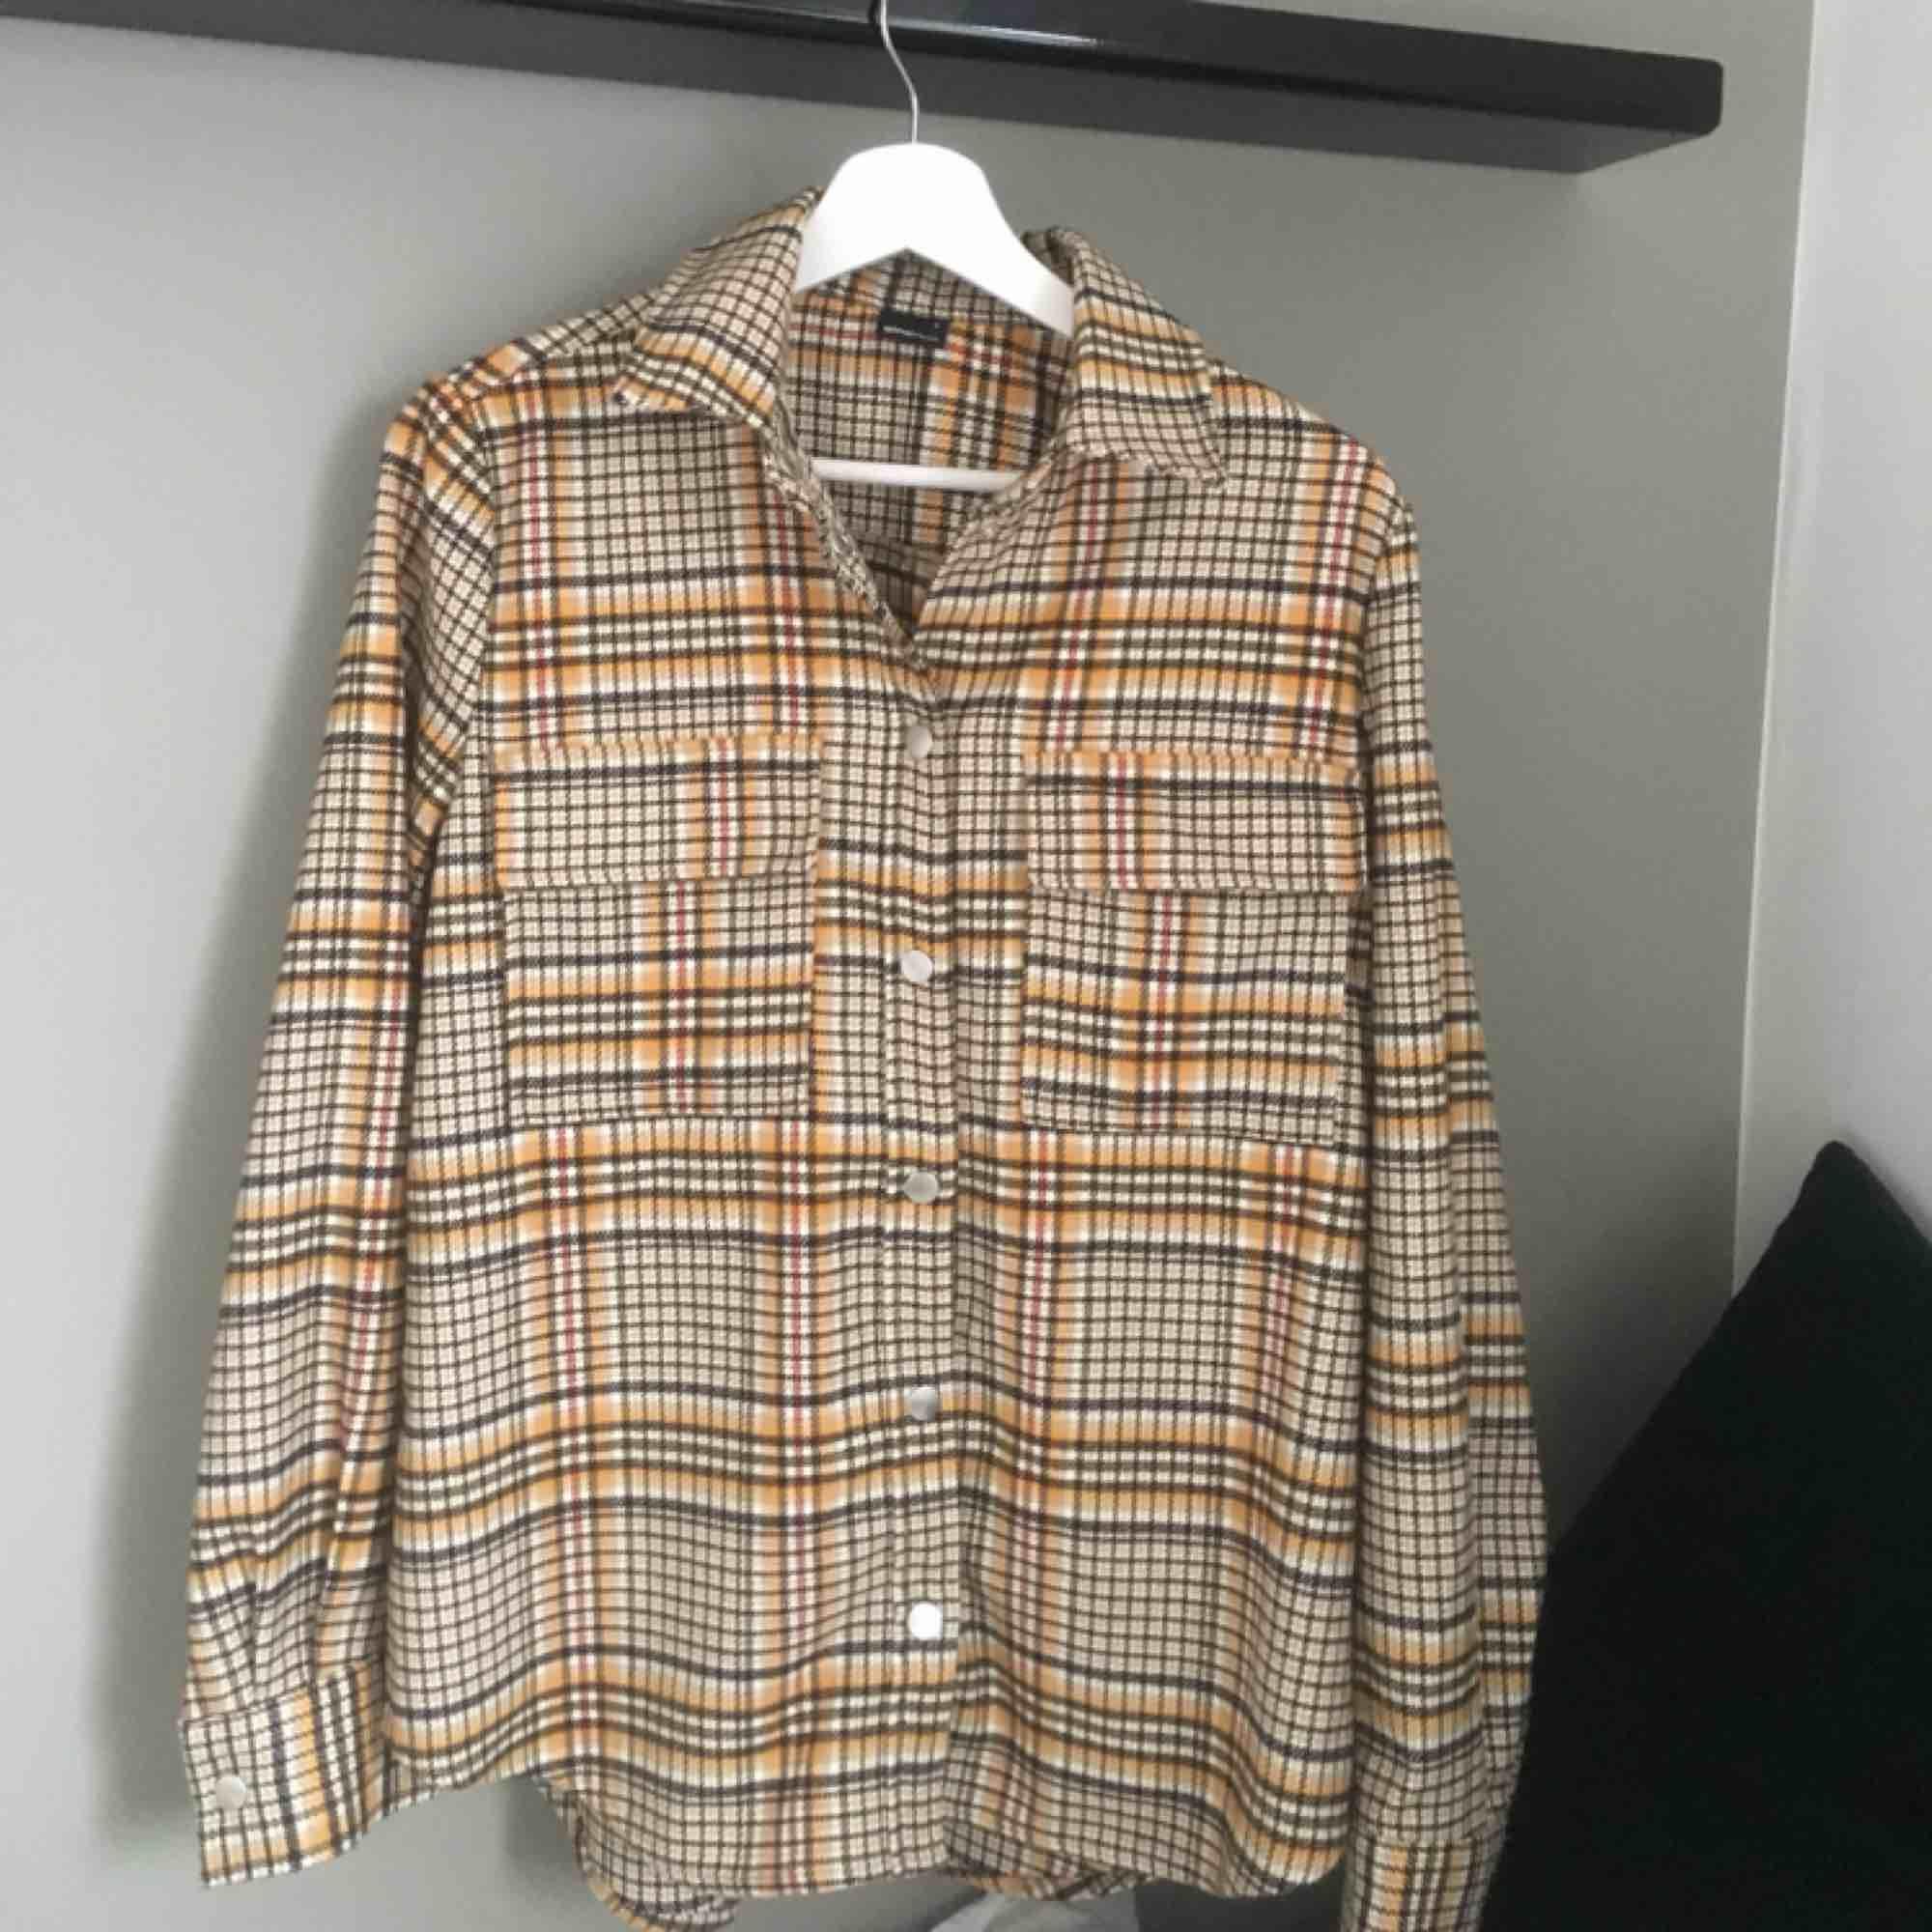 Snygg rutig skjorta/jacka som är slutsåld på Gina Tricots hemsida, köpt för 500kr. Den är endast provad! Köperan står för frakten:). Skjortor.